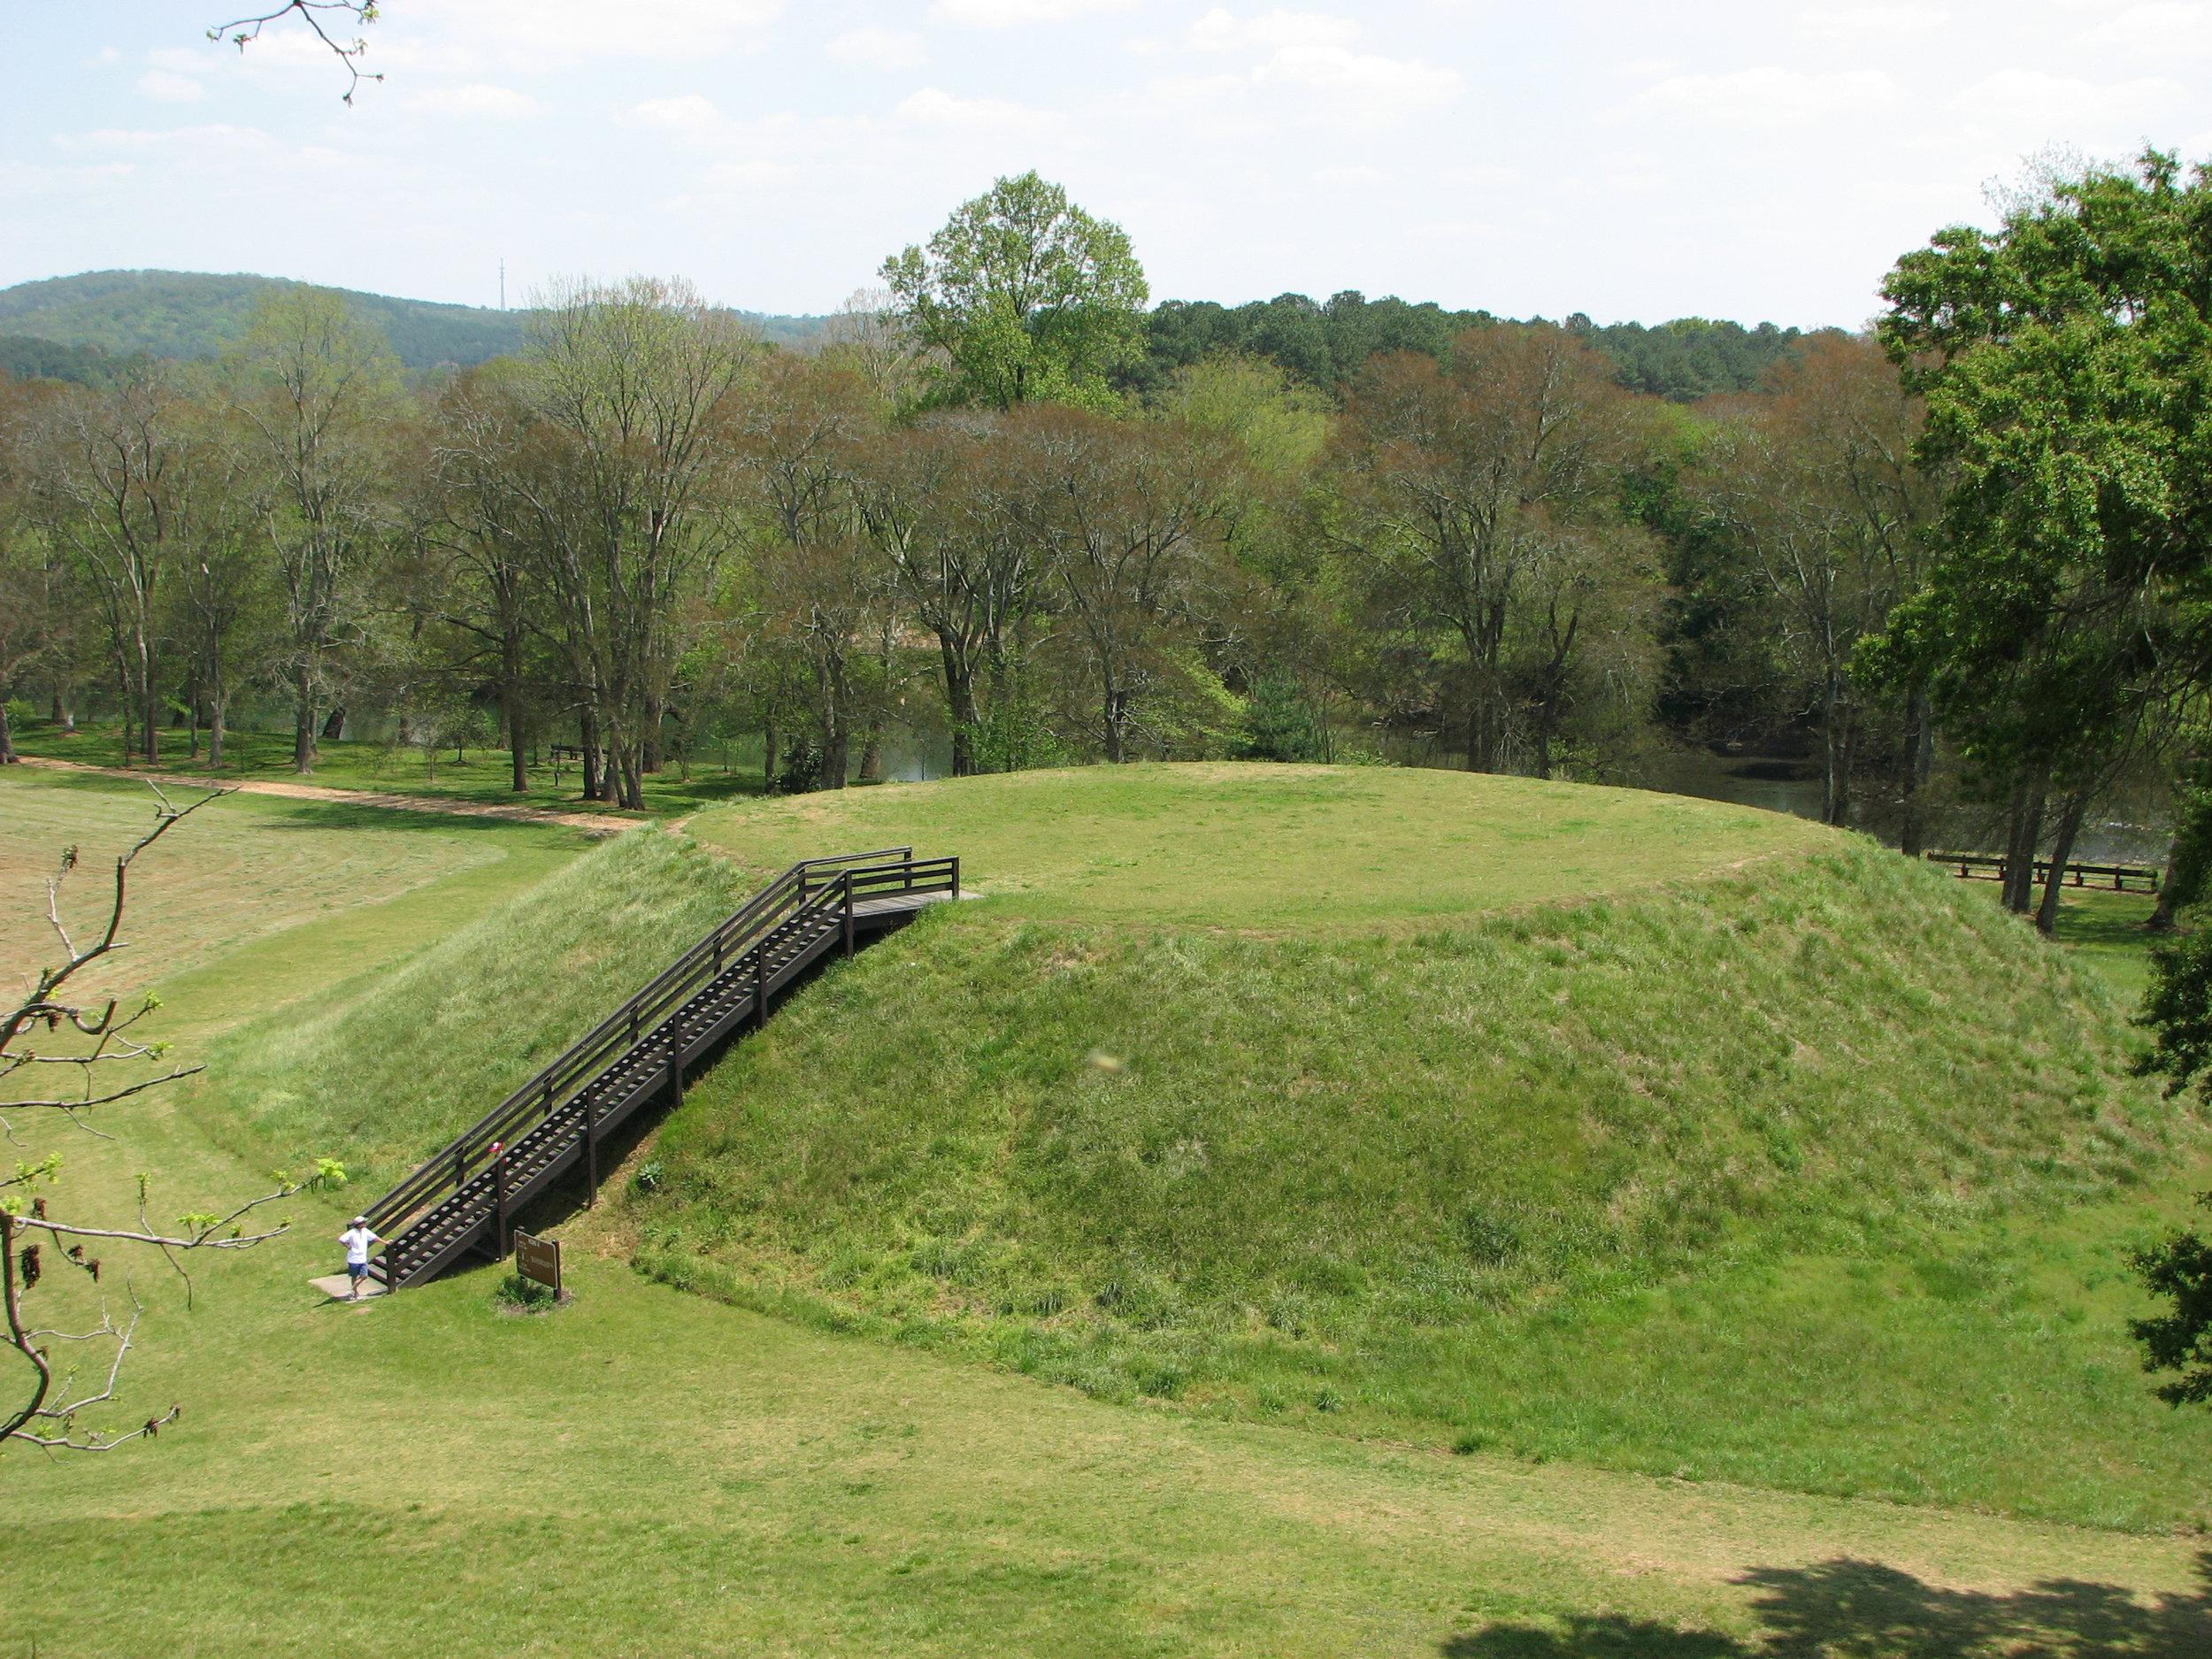 Sites Etowah Indian Mounds Mound B Georgia.jpg